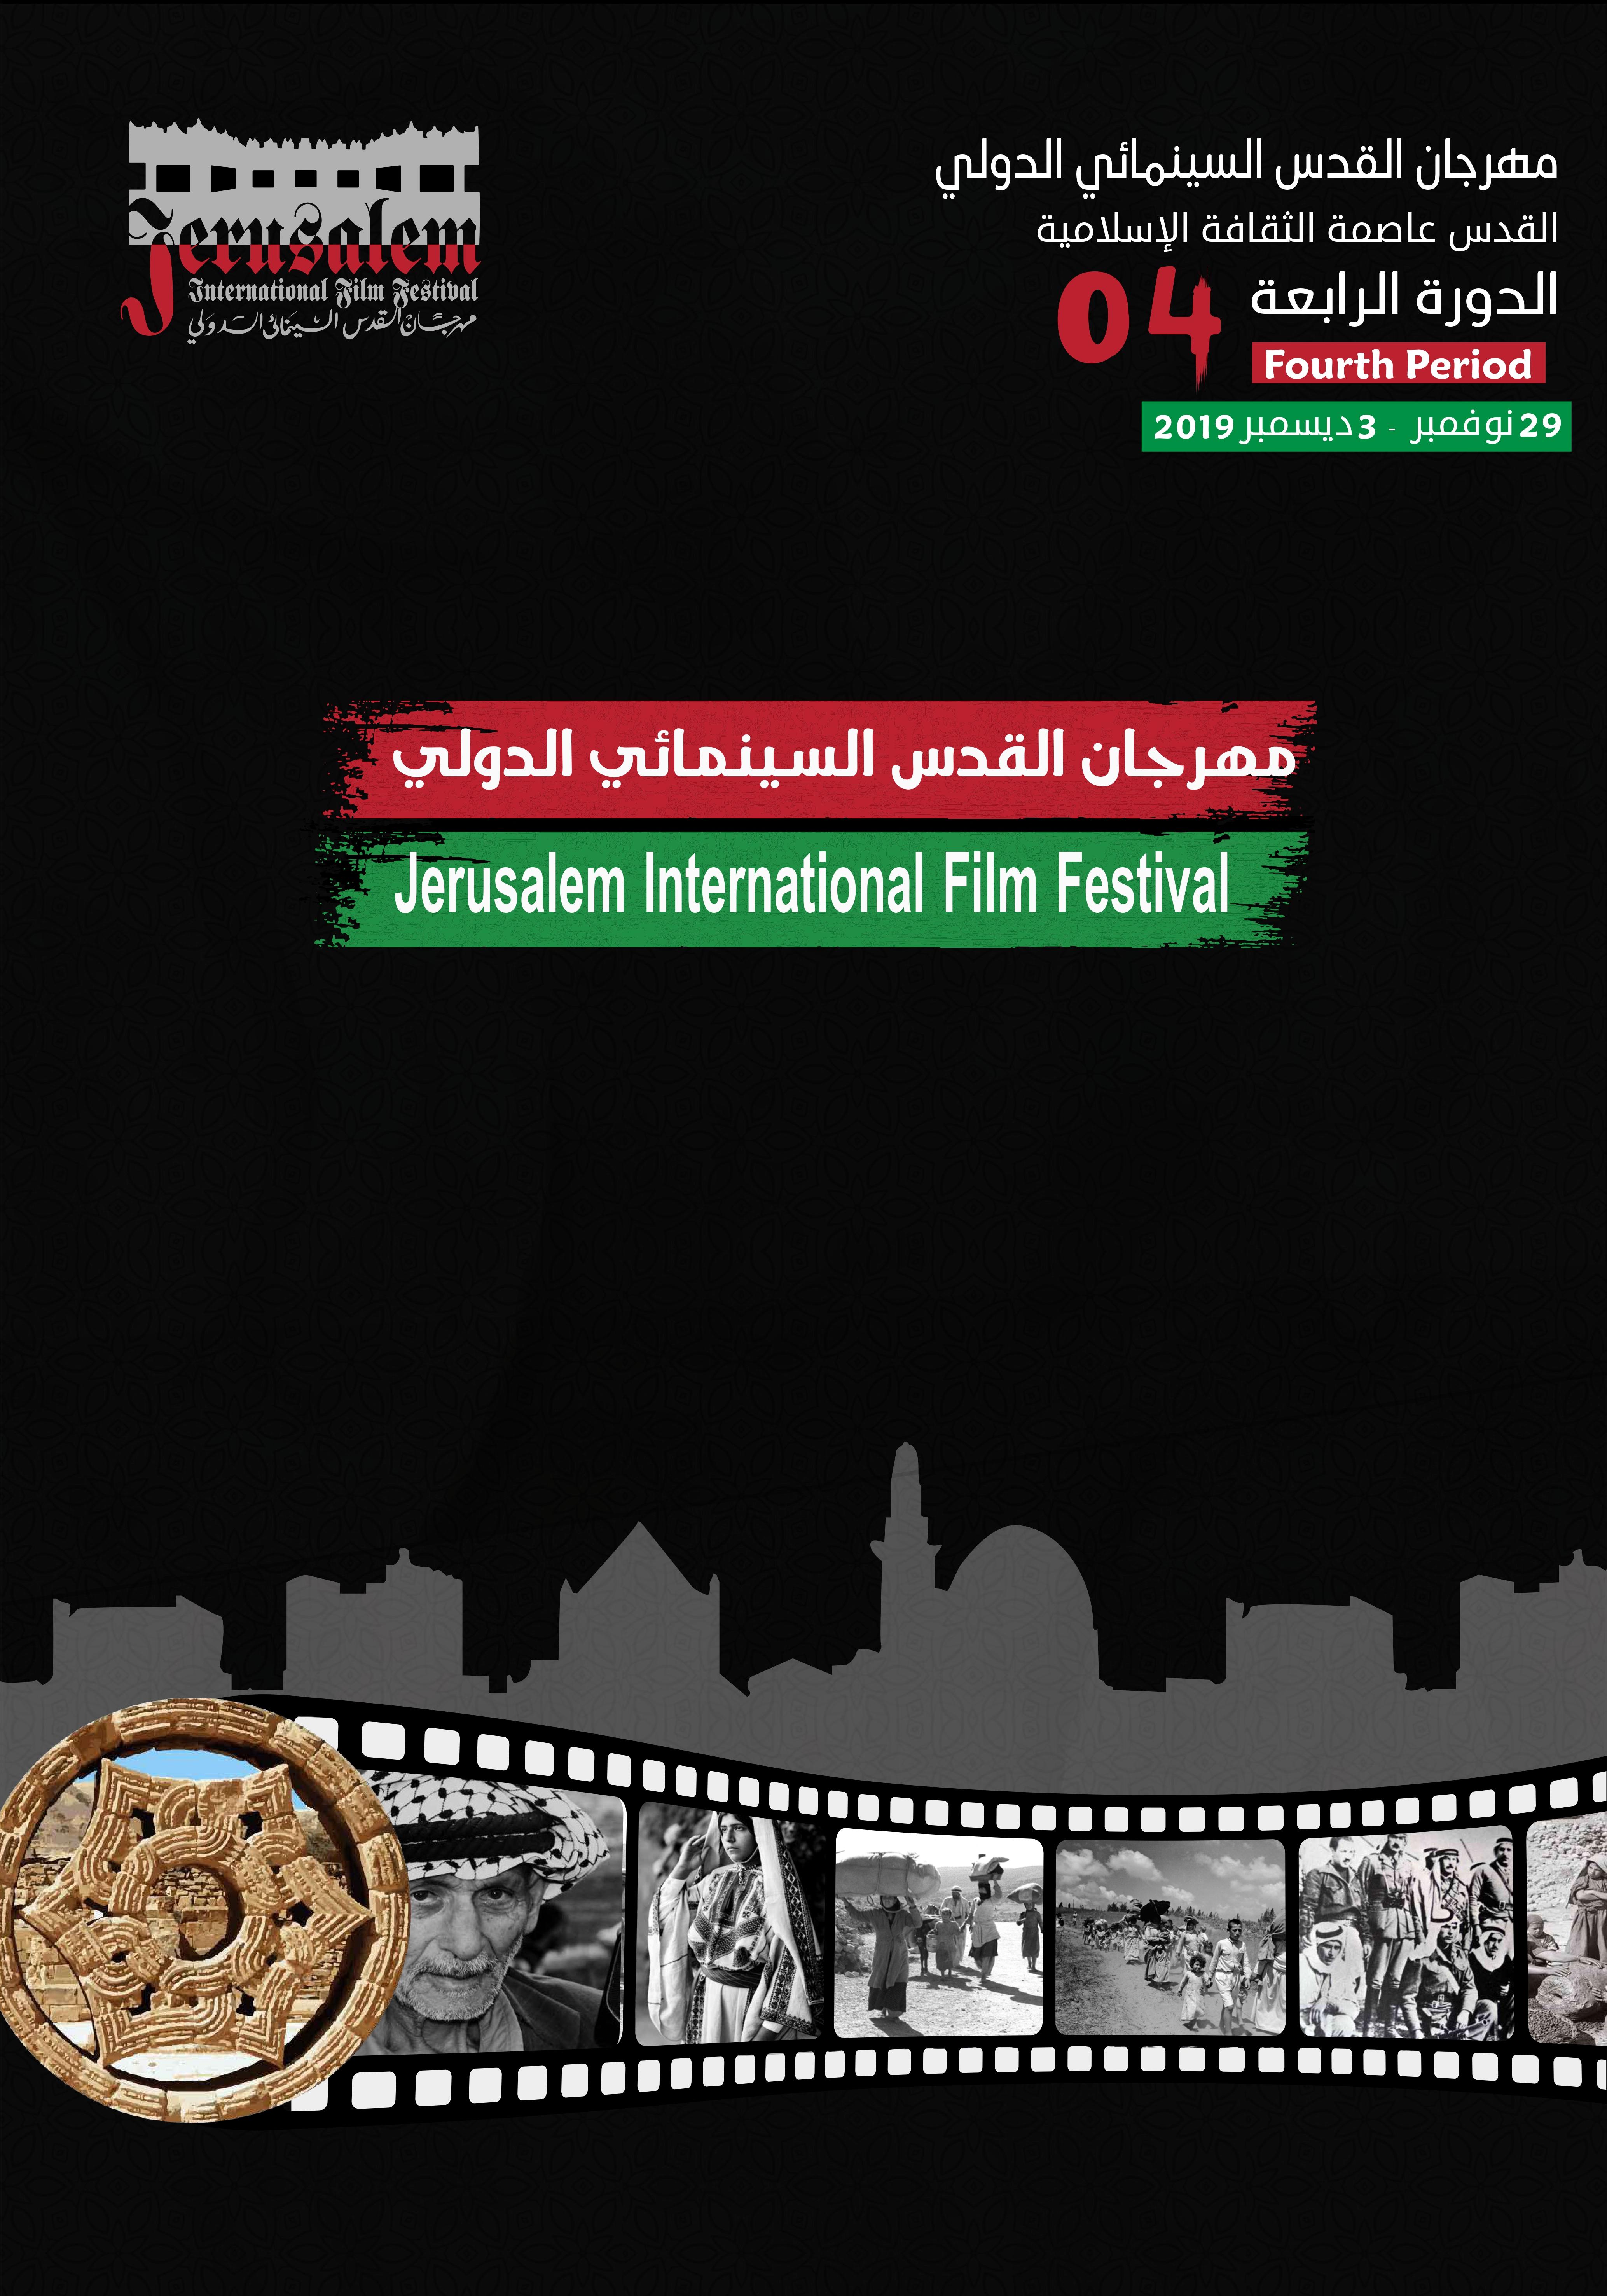 انطلاق التحضيرات للدورة الرابعة لمهرجان القدس السينمائي الدولي